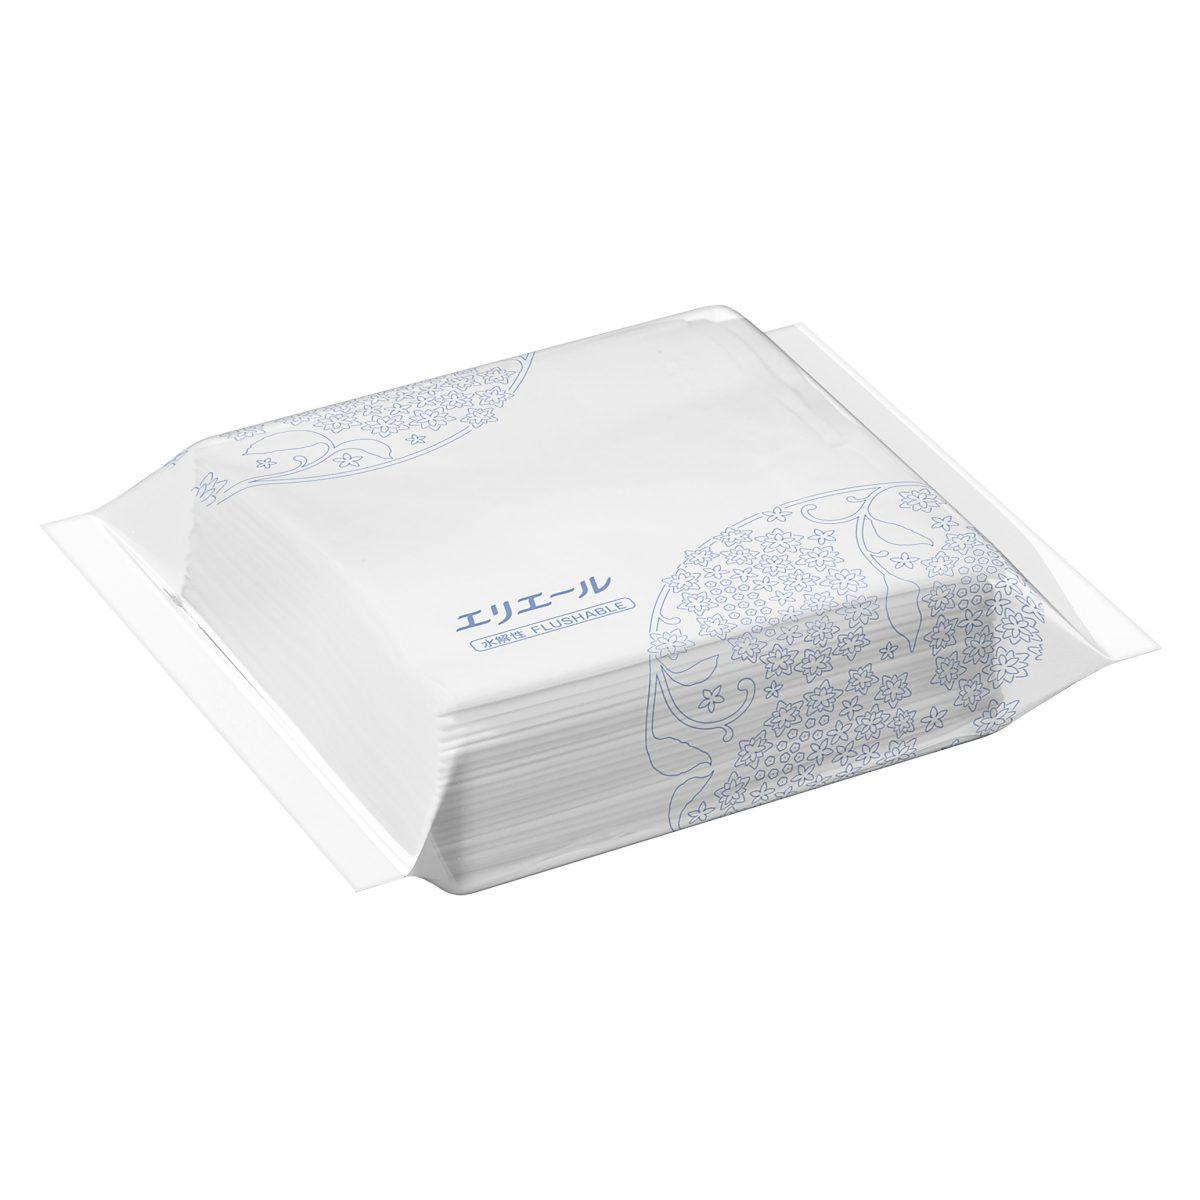 エリエールティシュー50Wポリ包装(パルプ100%水解性)